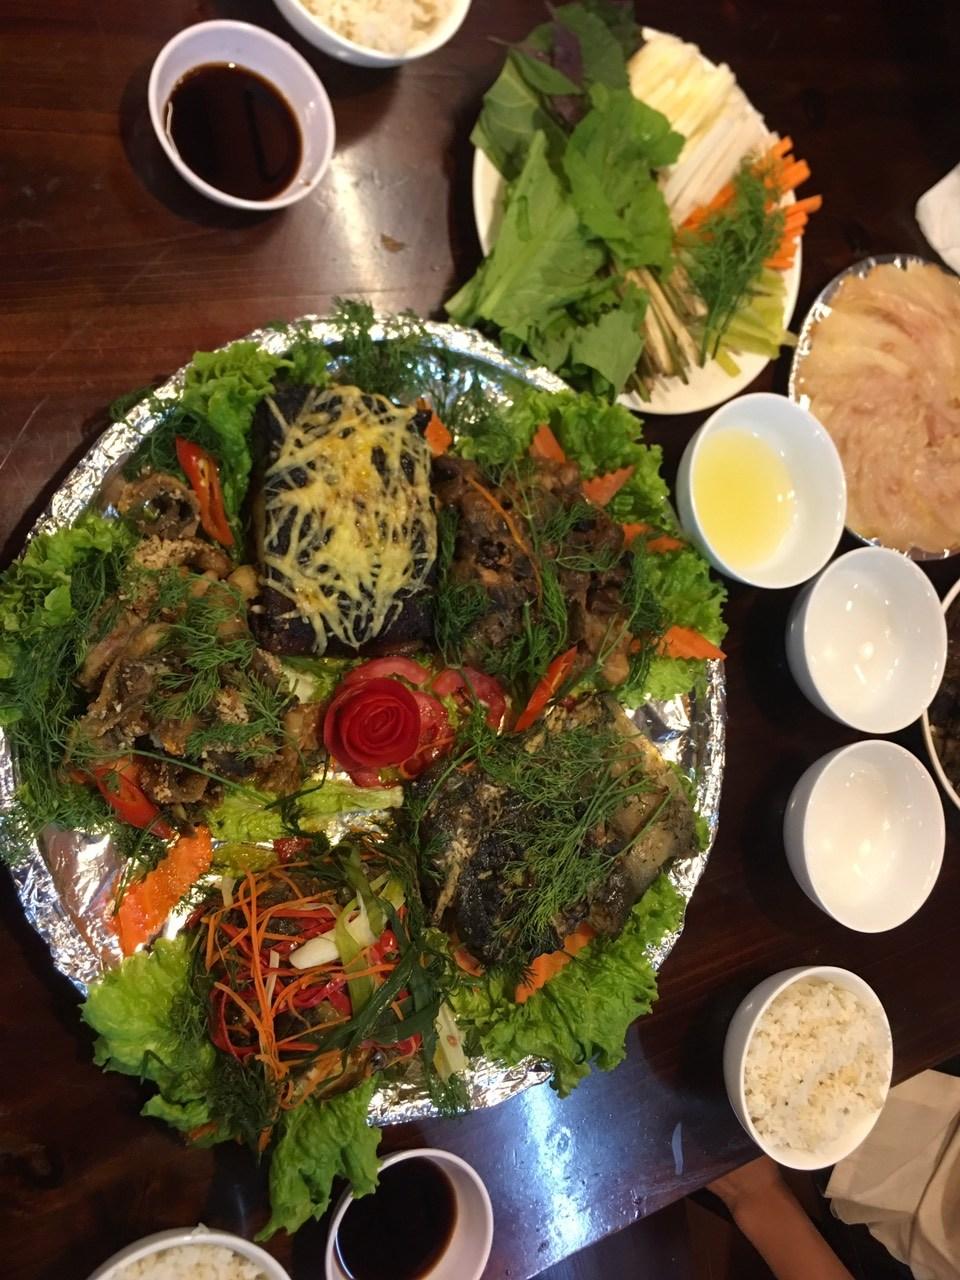 Nhà hàng Minh Tâm chuyên đặc sản núi rừng Sapa ngon ngất ngây